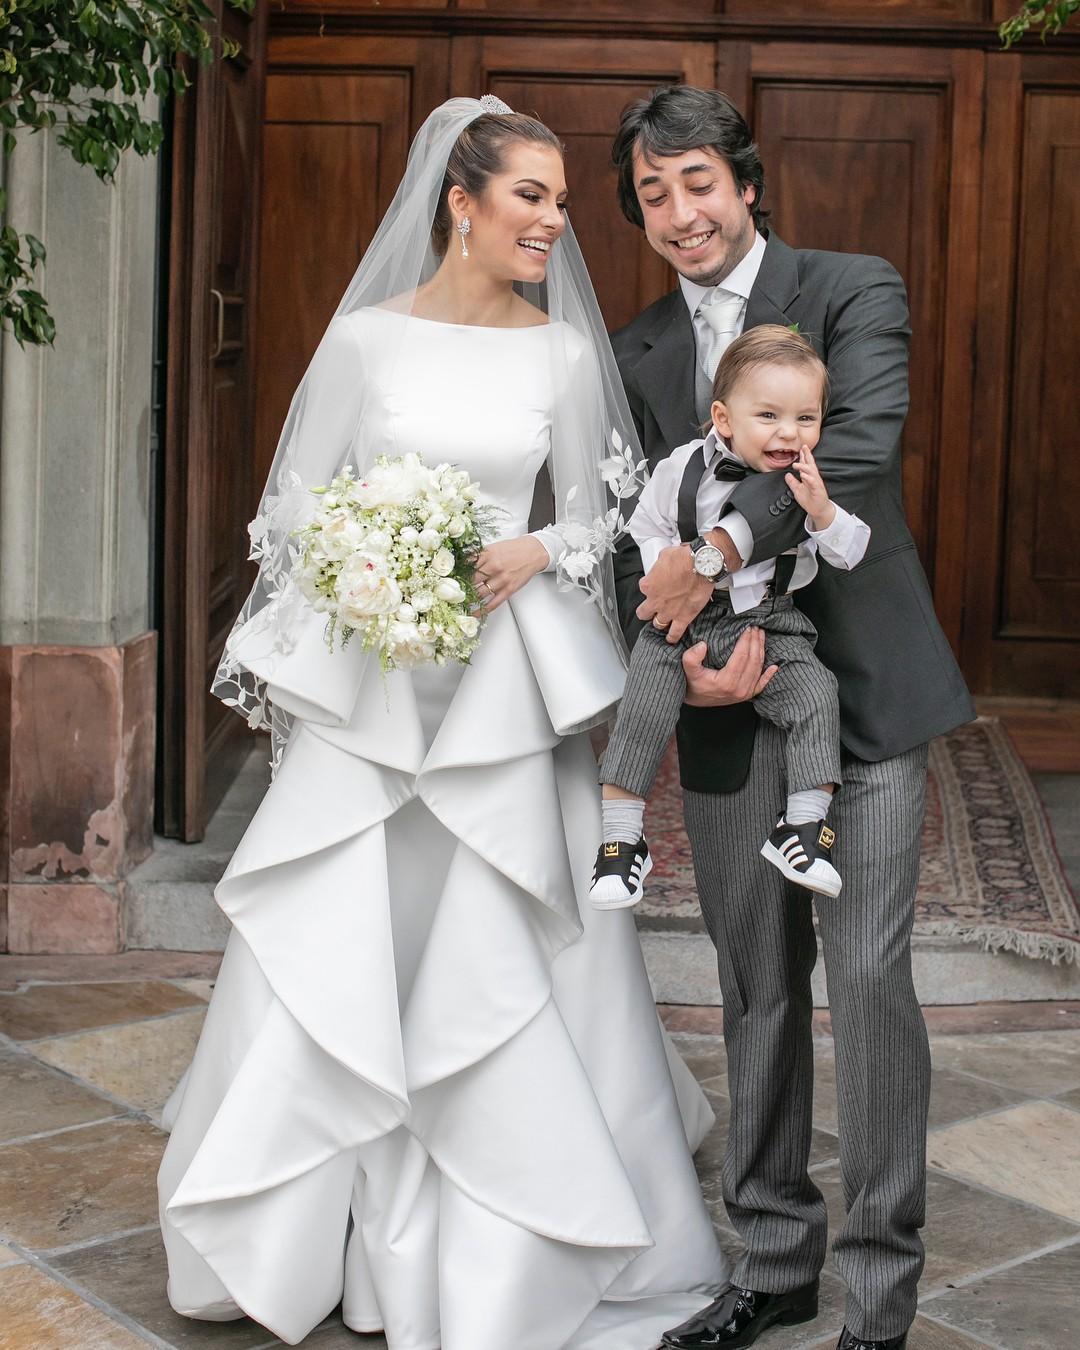 A família no dia do casamento: cerimônia dos sonhos (Foto: Reprodução/Instagram)